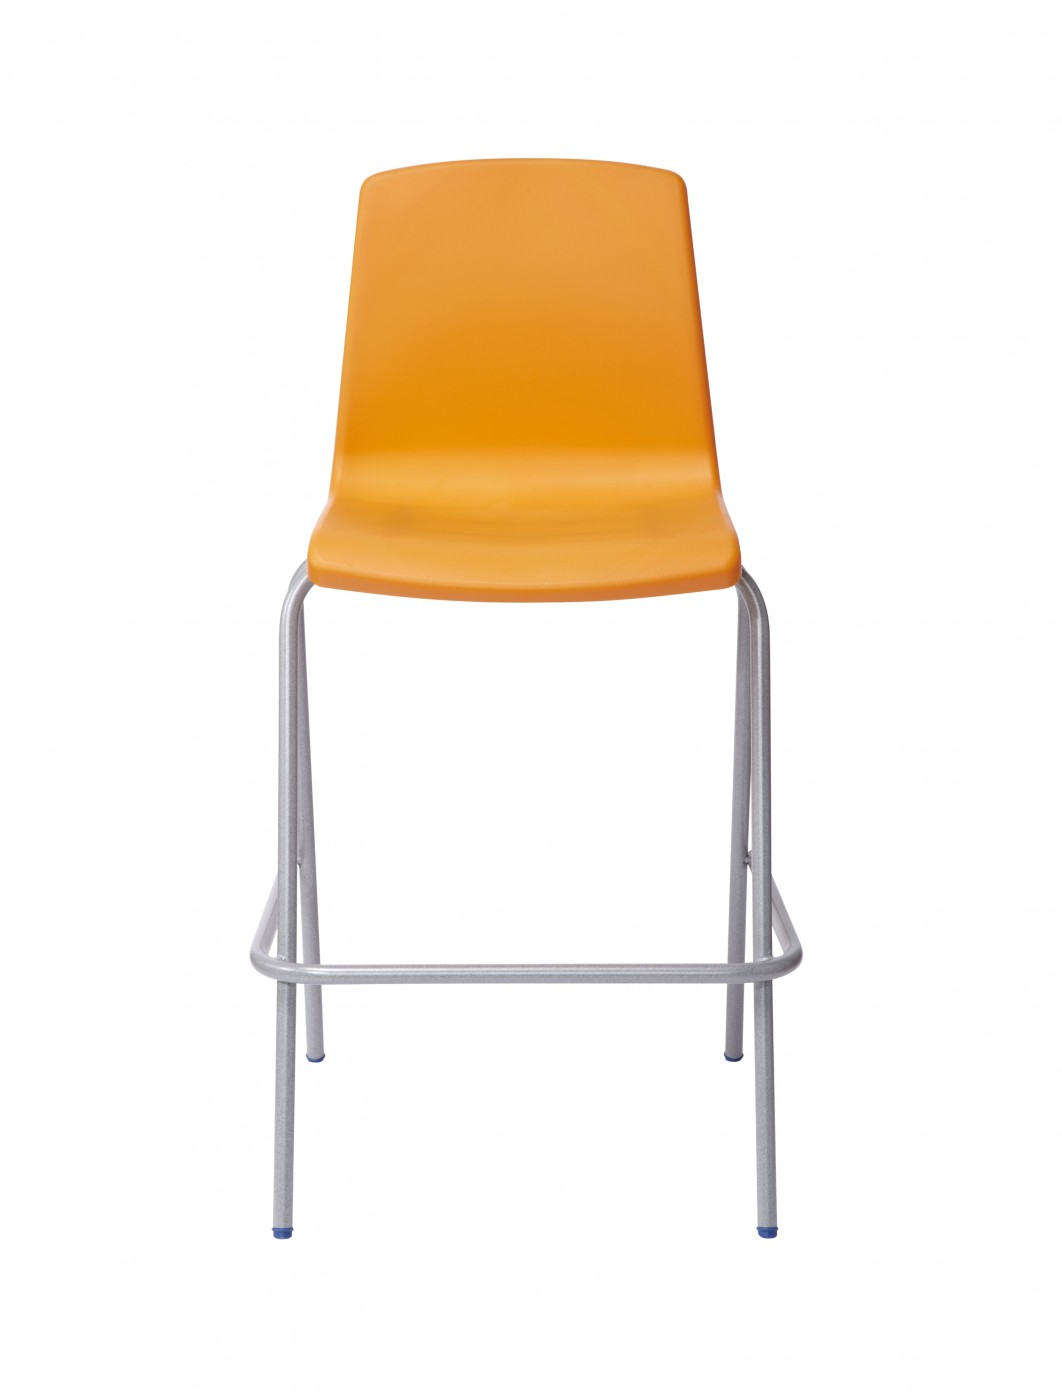 Metalliform Np Classroom High Chair Np5st4 121 Office Furniture